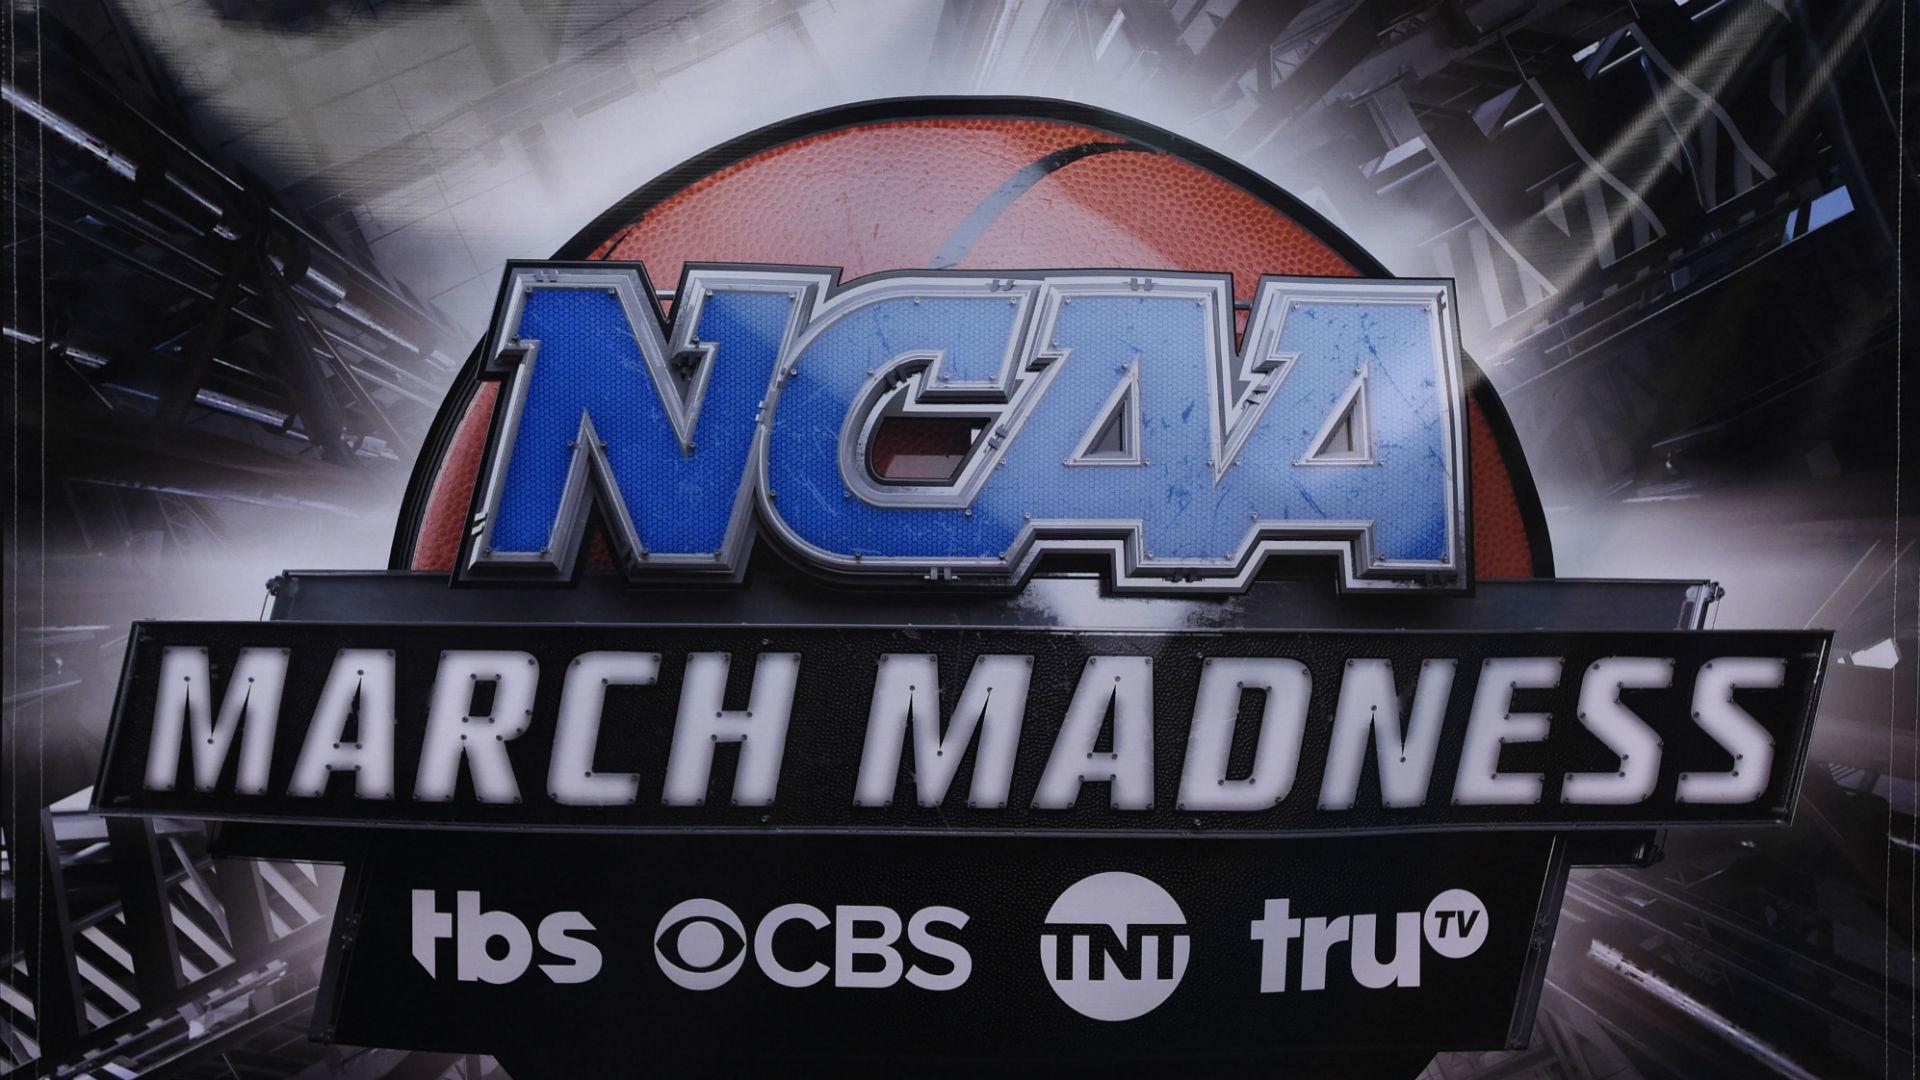 Ncaa-tournament-logo-ftr-jpg_1ujsgh3lgzjef10x6zyvzq0yek